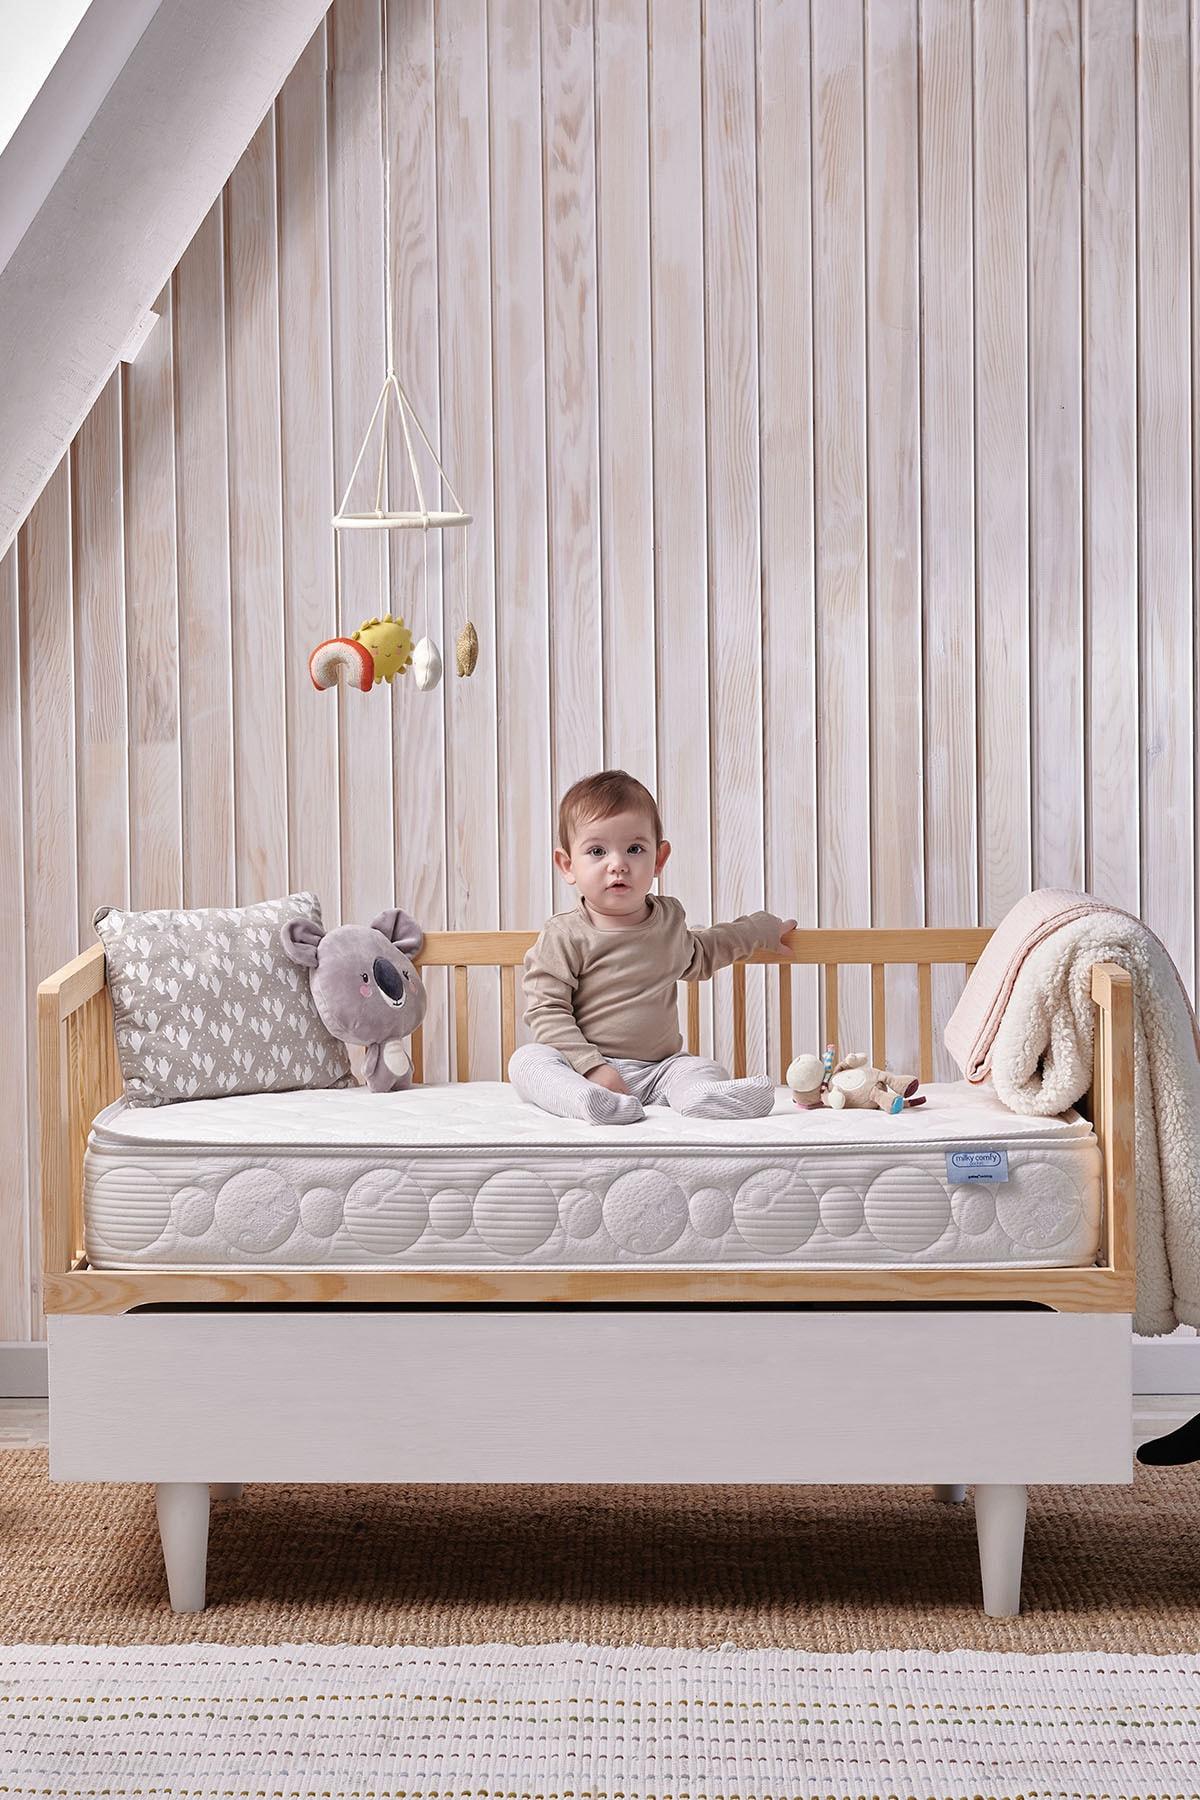 Yataş Bedding Milky Comfy Pocket Pedli Yaylı Yatak